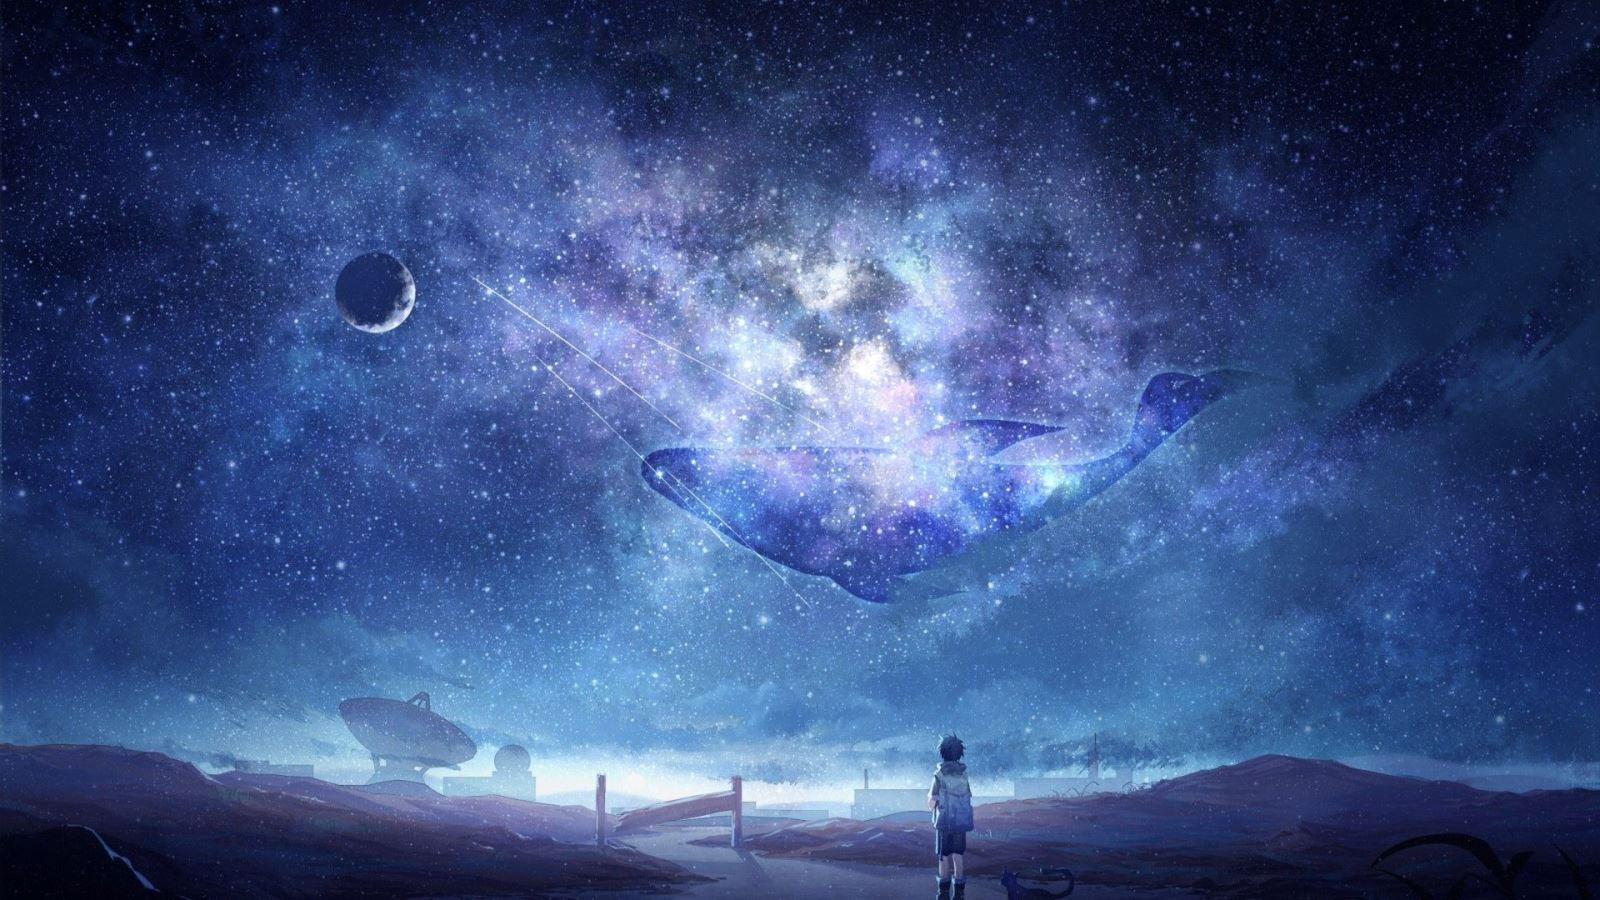 Hình ảnh anime galaxy huyền ảo, đẹp nhất